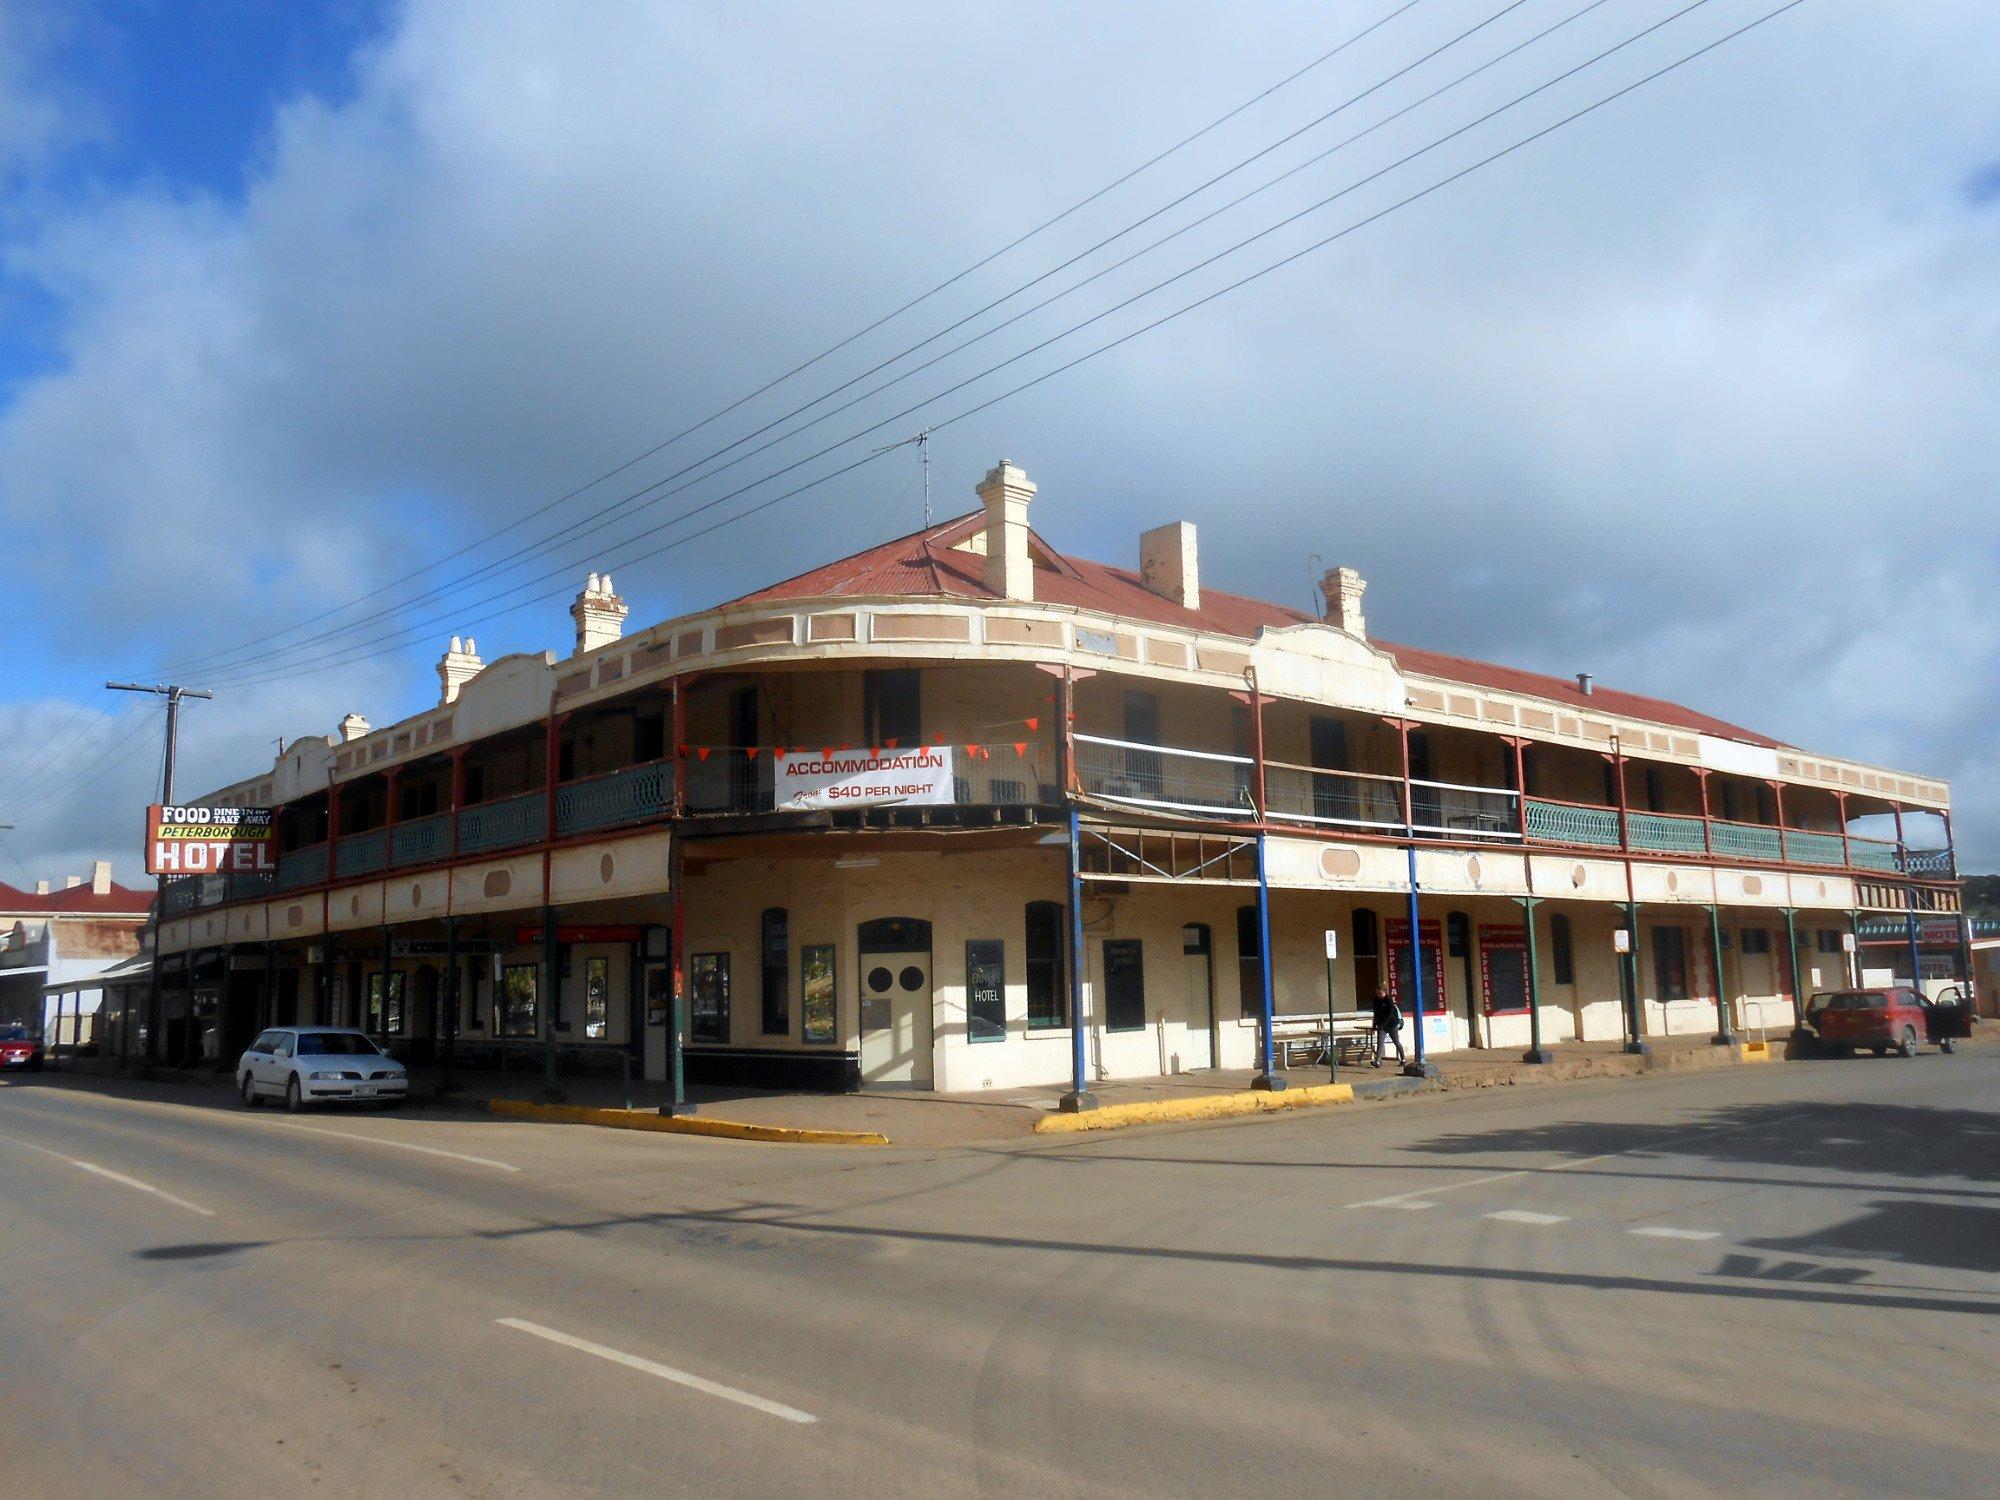 Hotel Peterborough